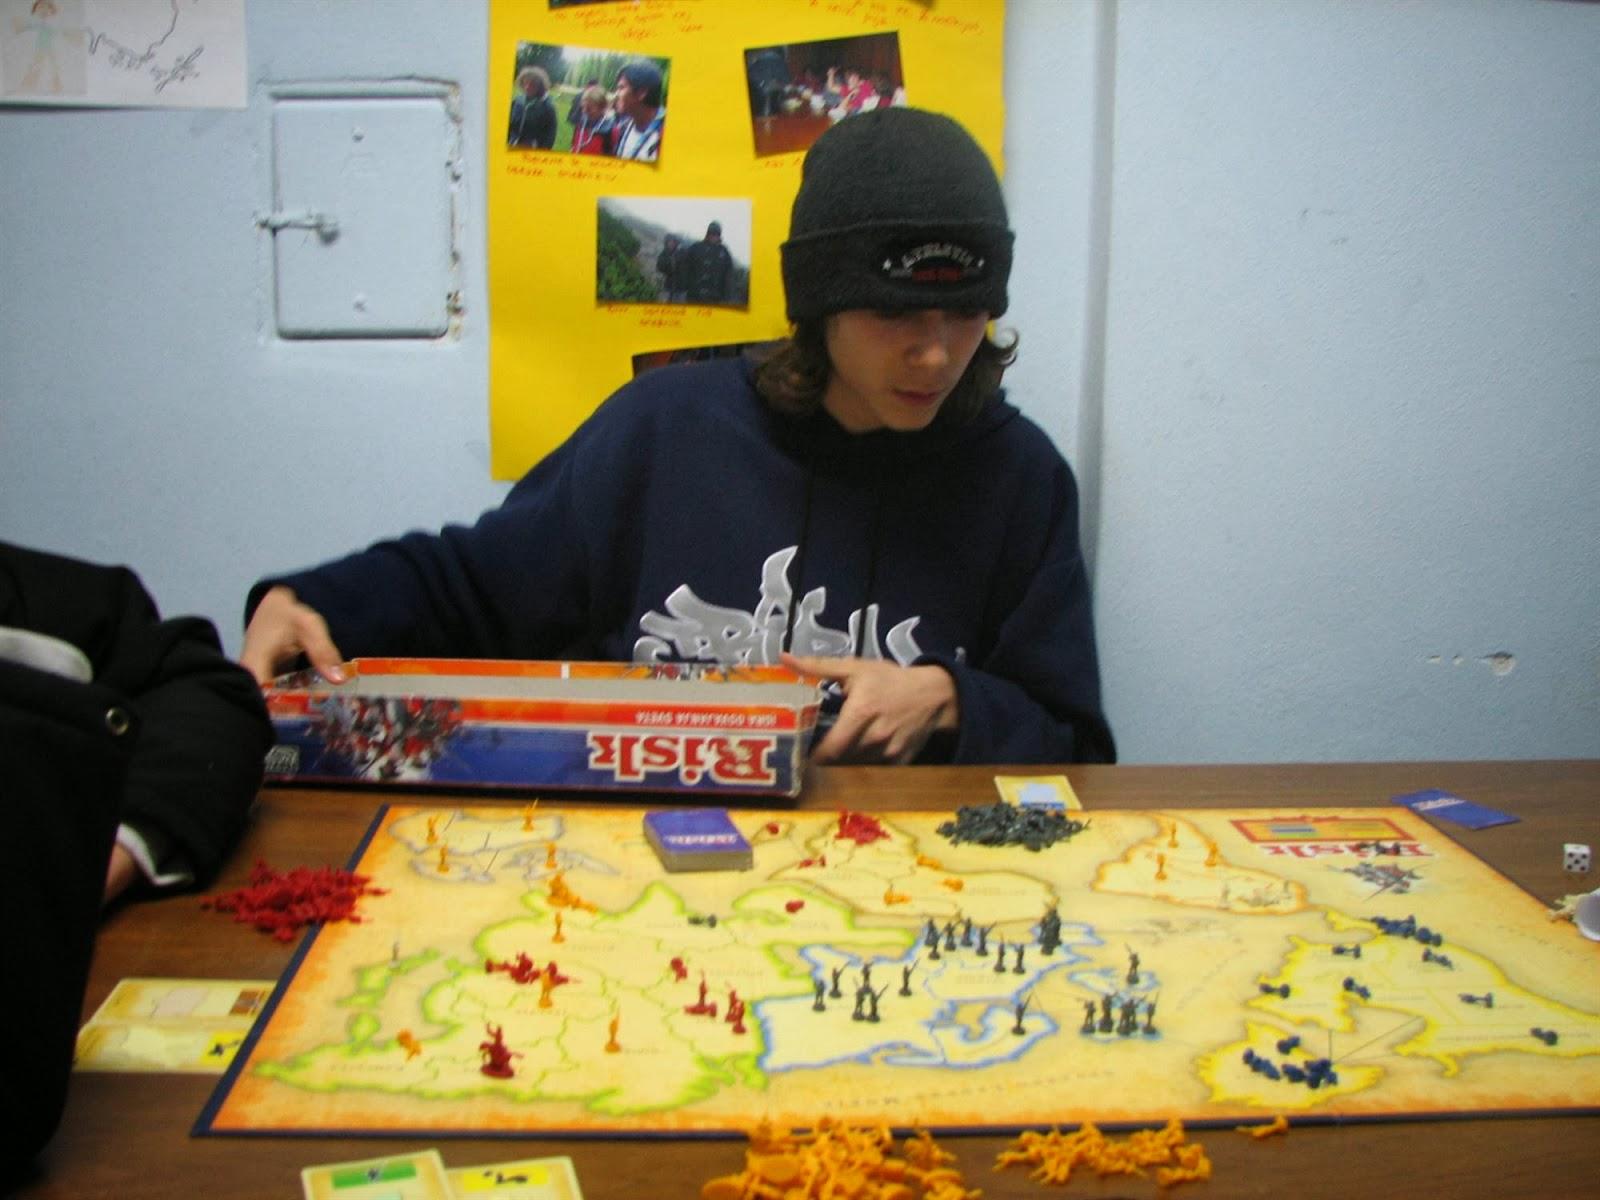 Večer družabnih iger, Ilirska Bistrica 2006 - vecer%2Bdruzabnih%2Biger%2B06%2B023.jpg